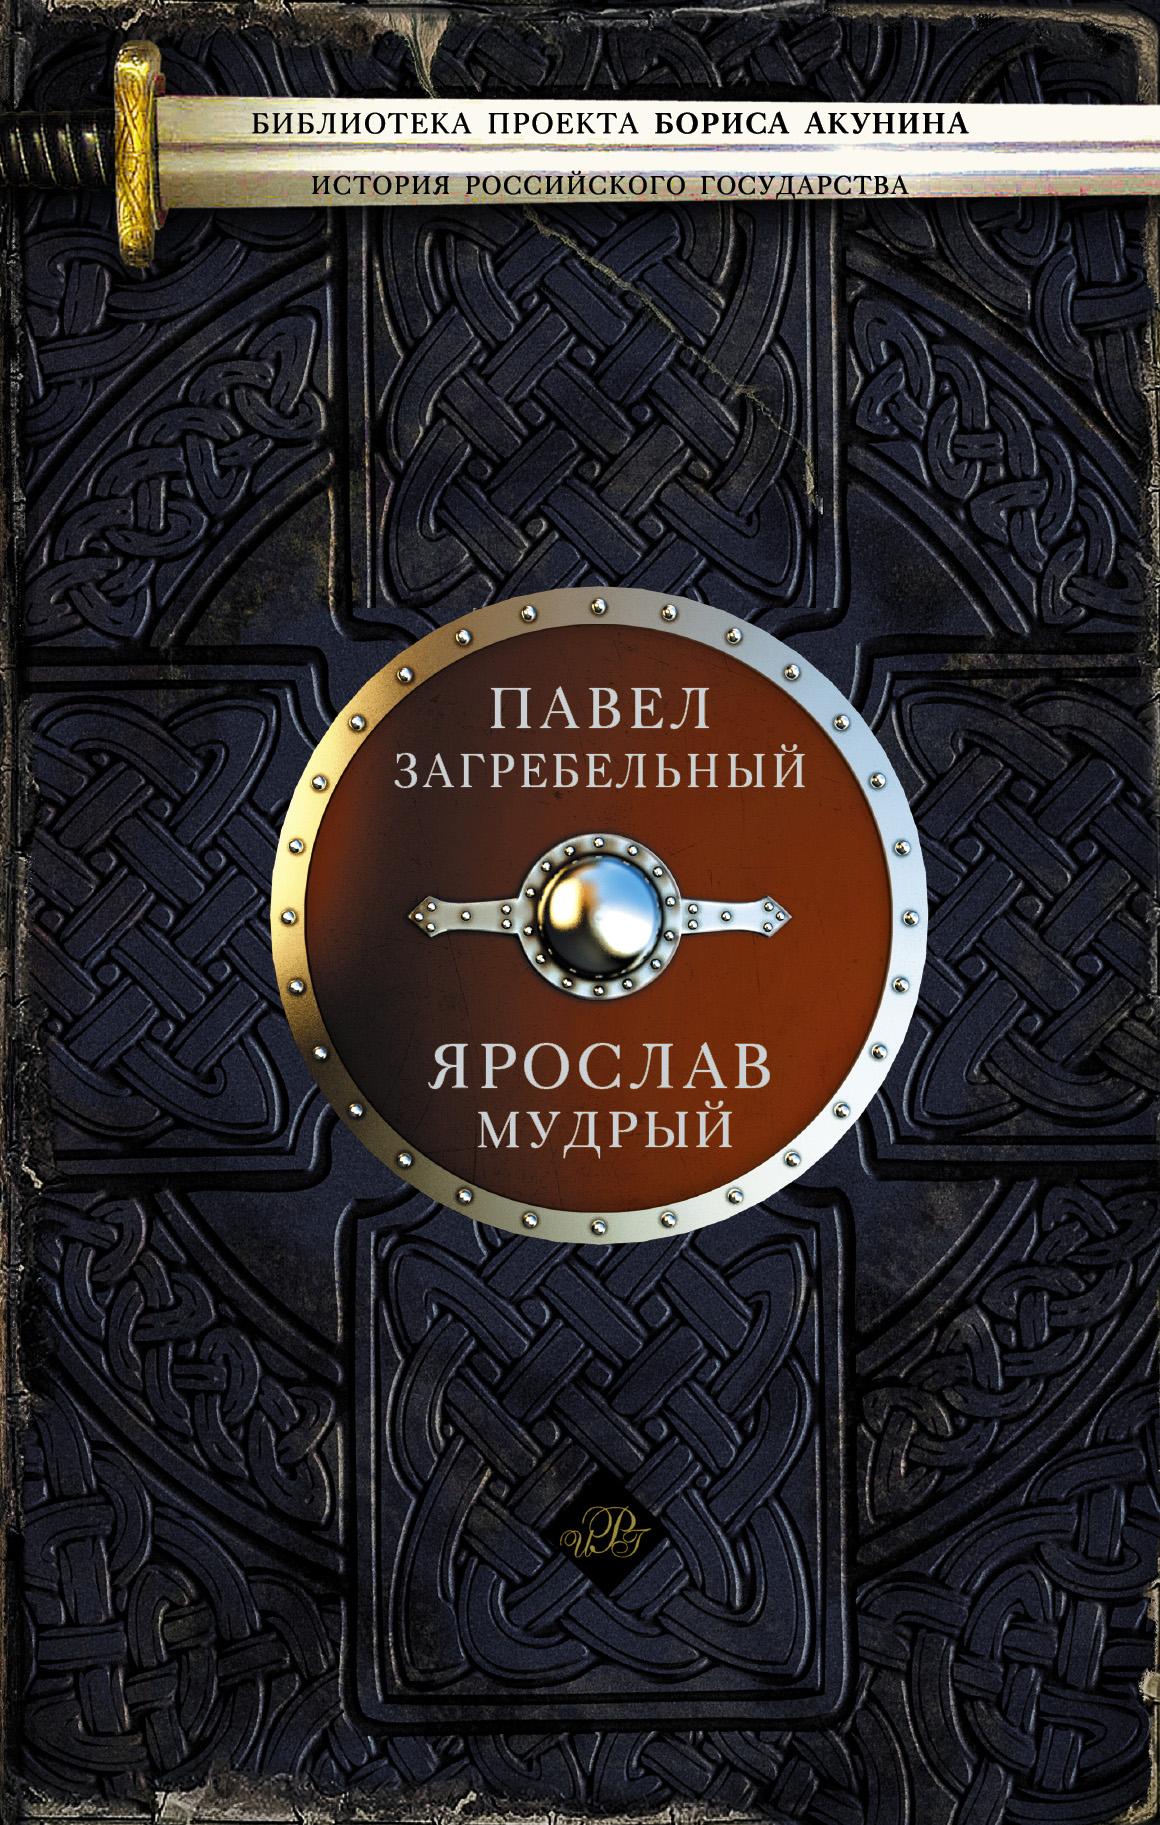 Павел Загребельный Ярослав Мудрый 282 4 г р ярослав мудрый а4 гориз